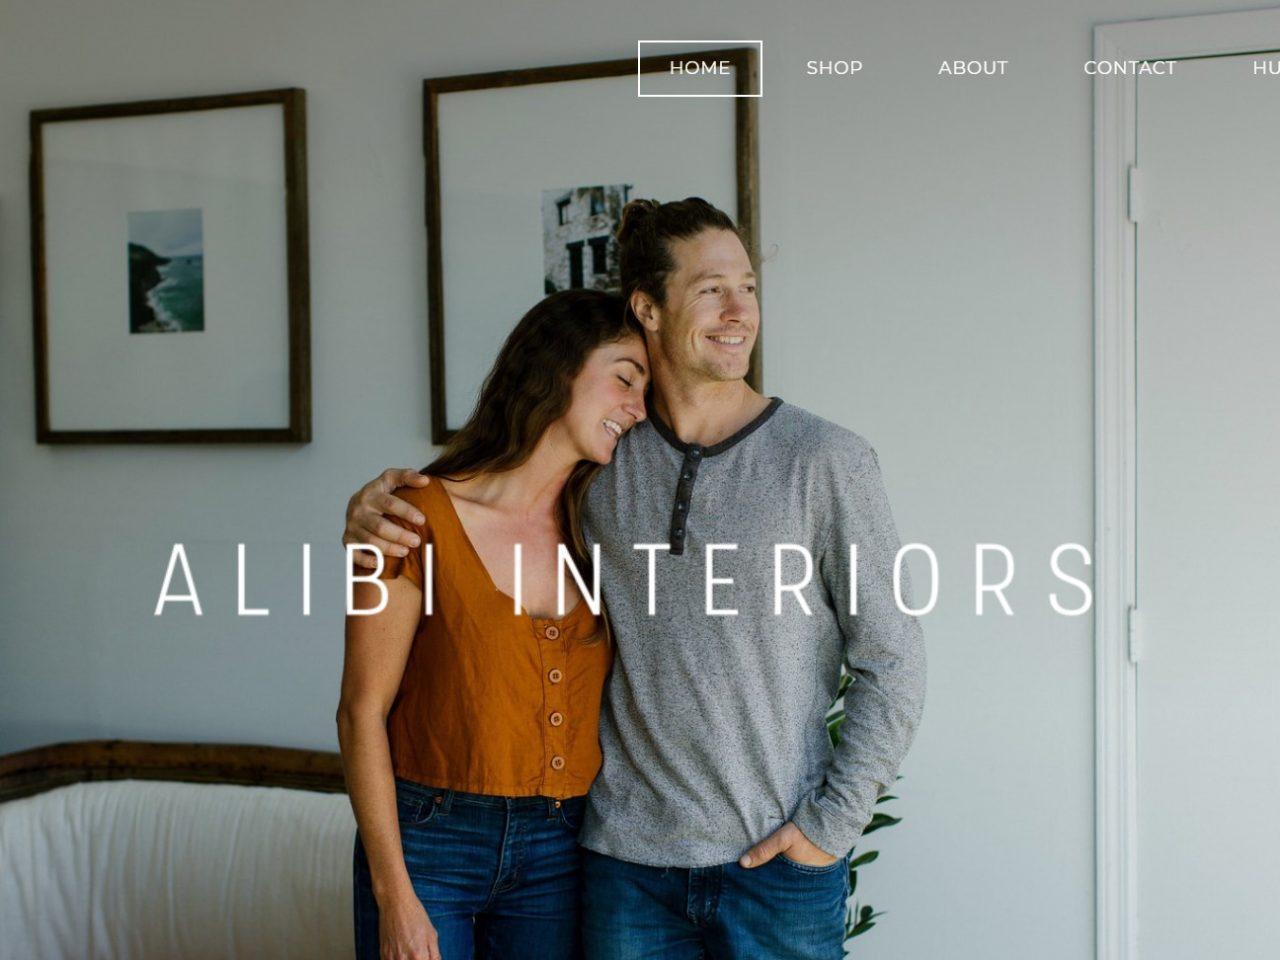 Alibi Interiors